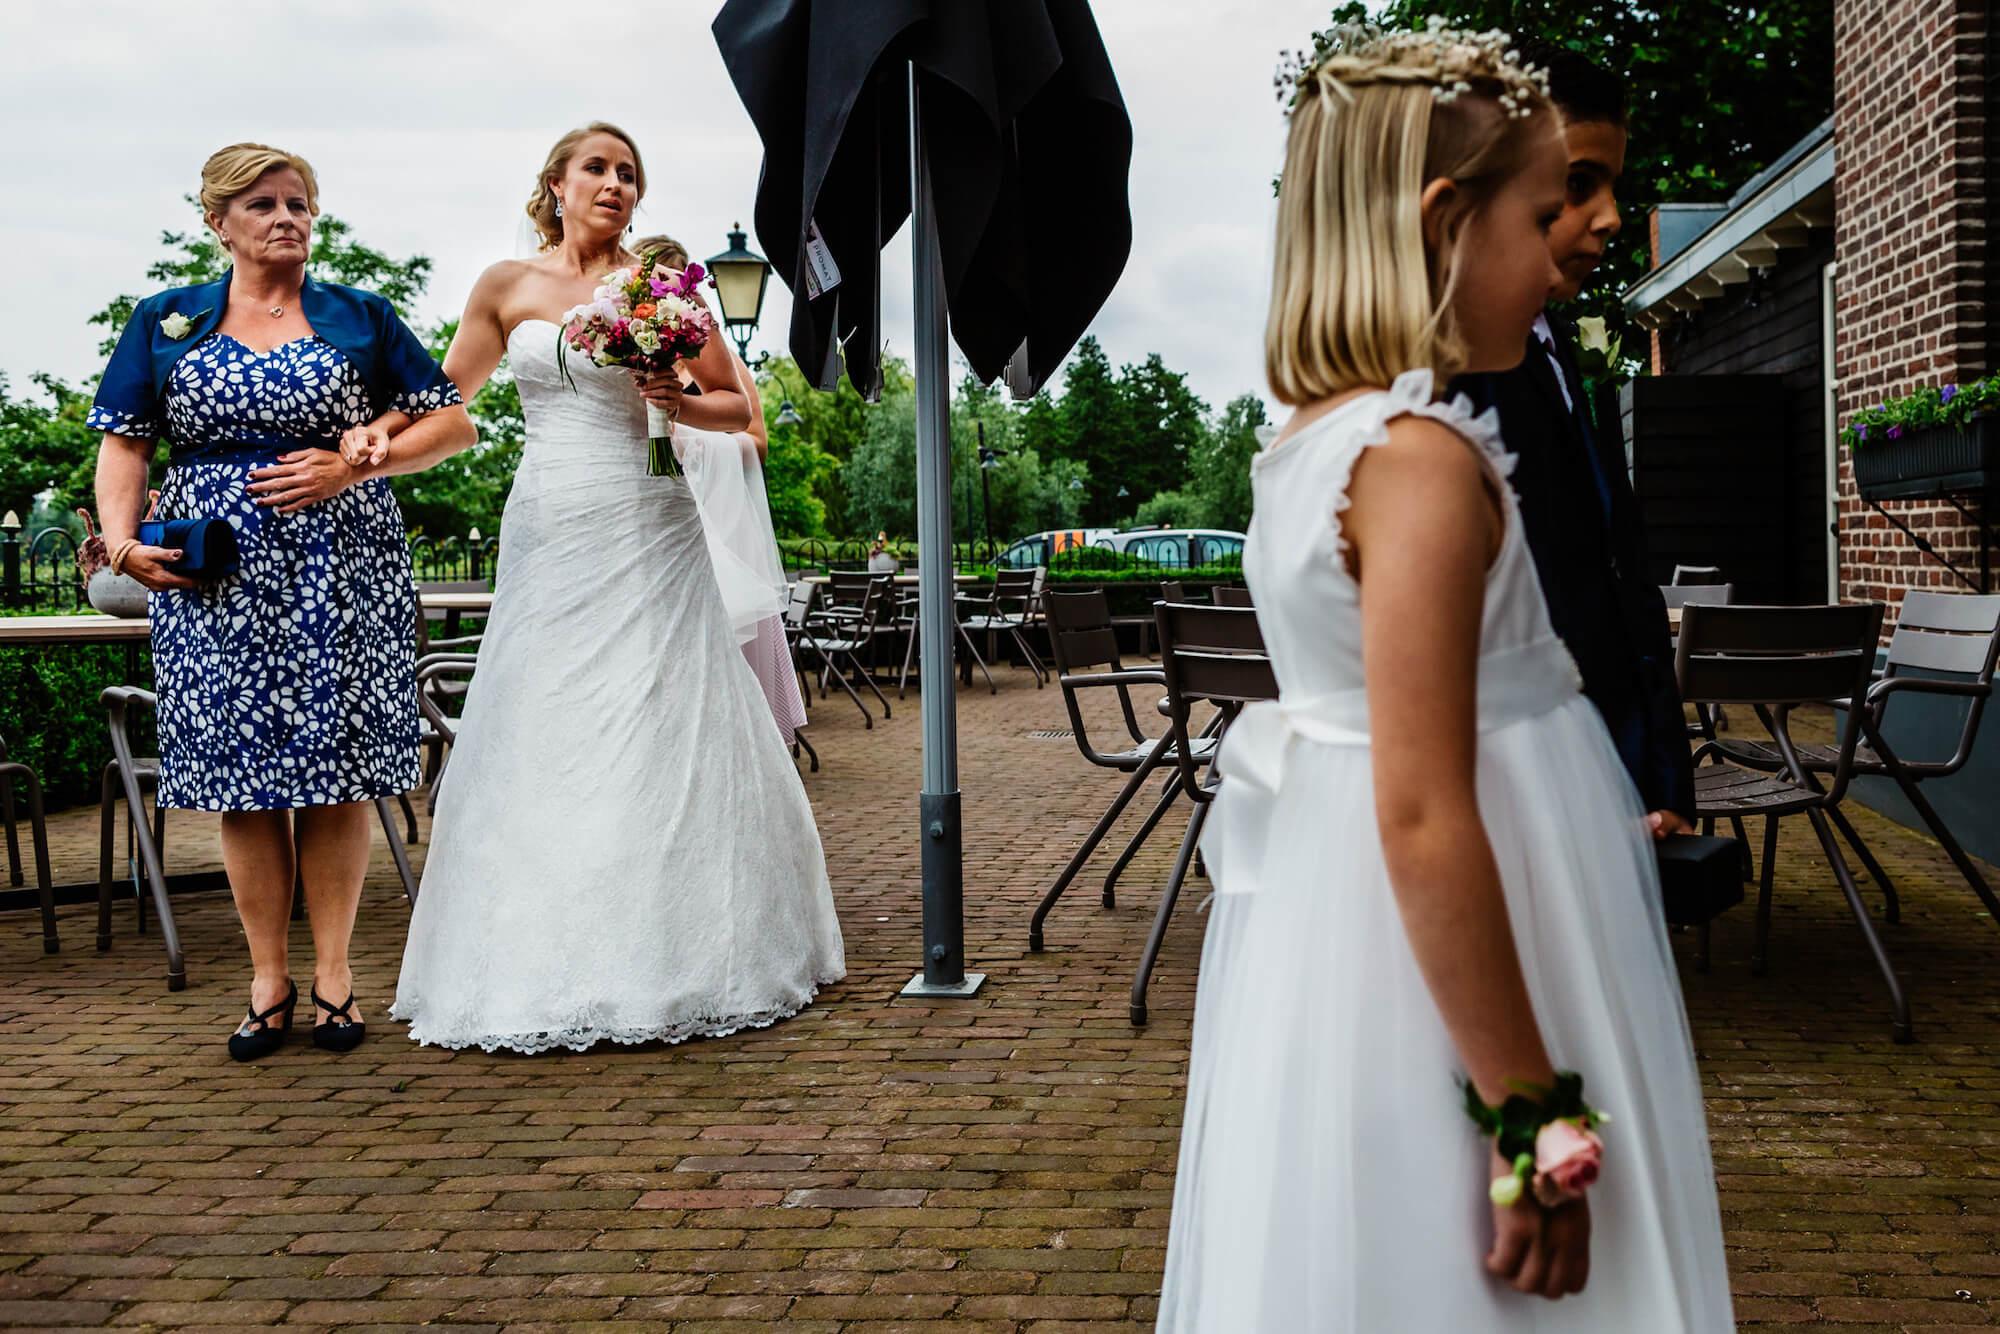 griekse-bruiloft-trouwfotograaf-utrecht-7.jpg